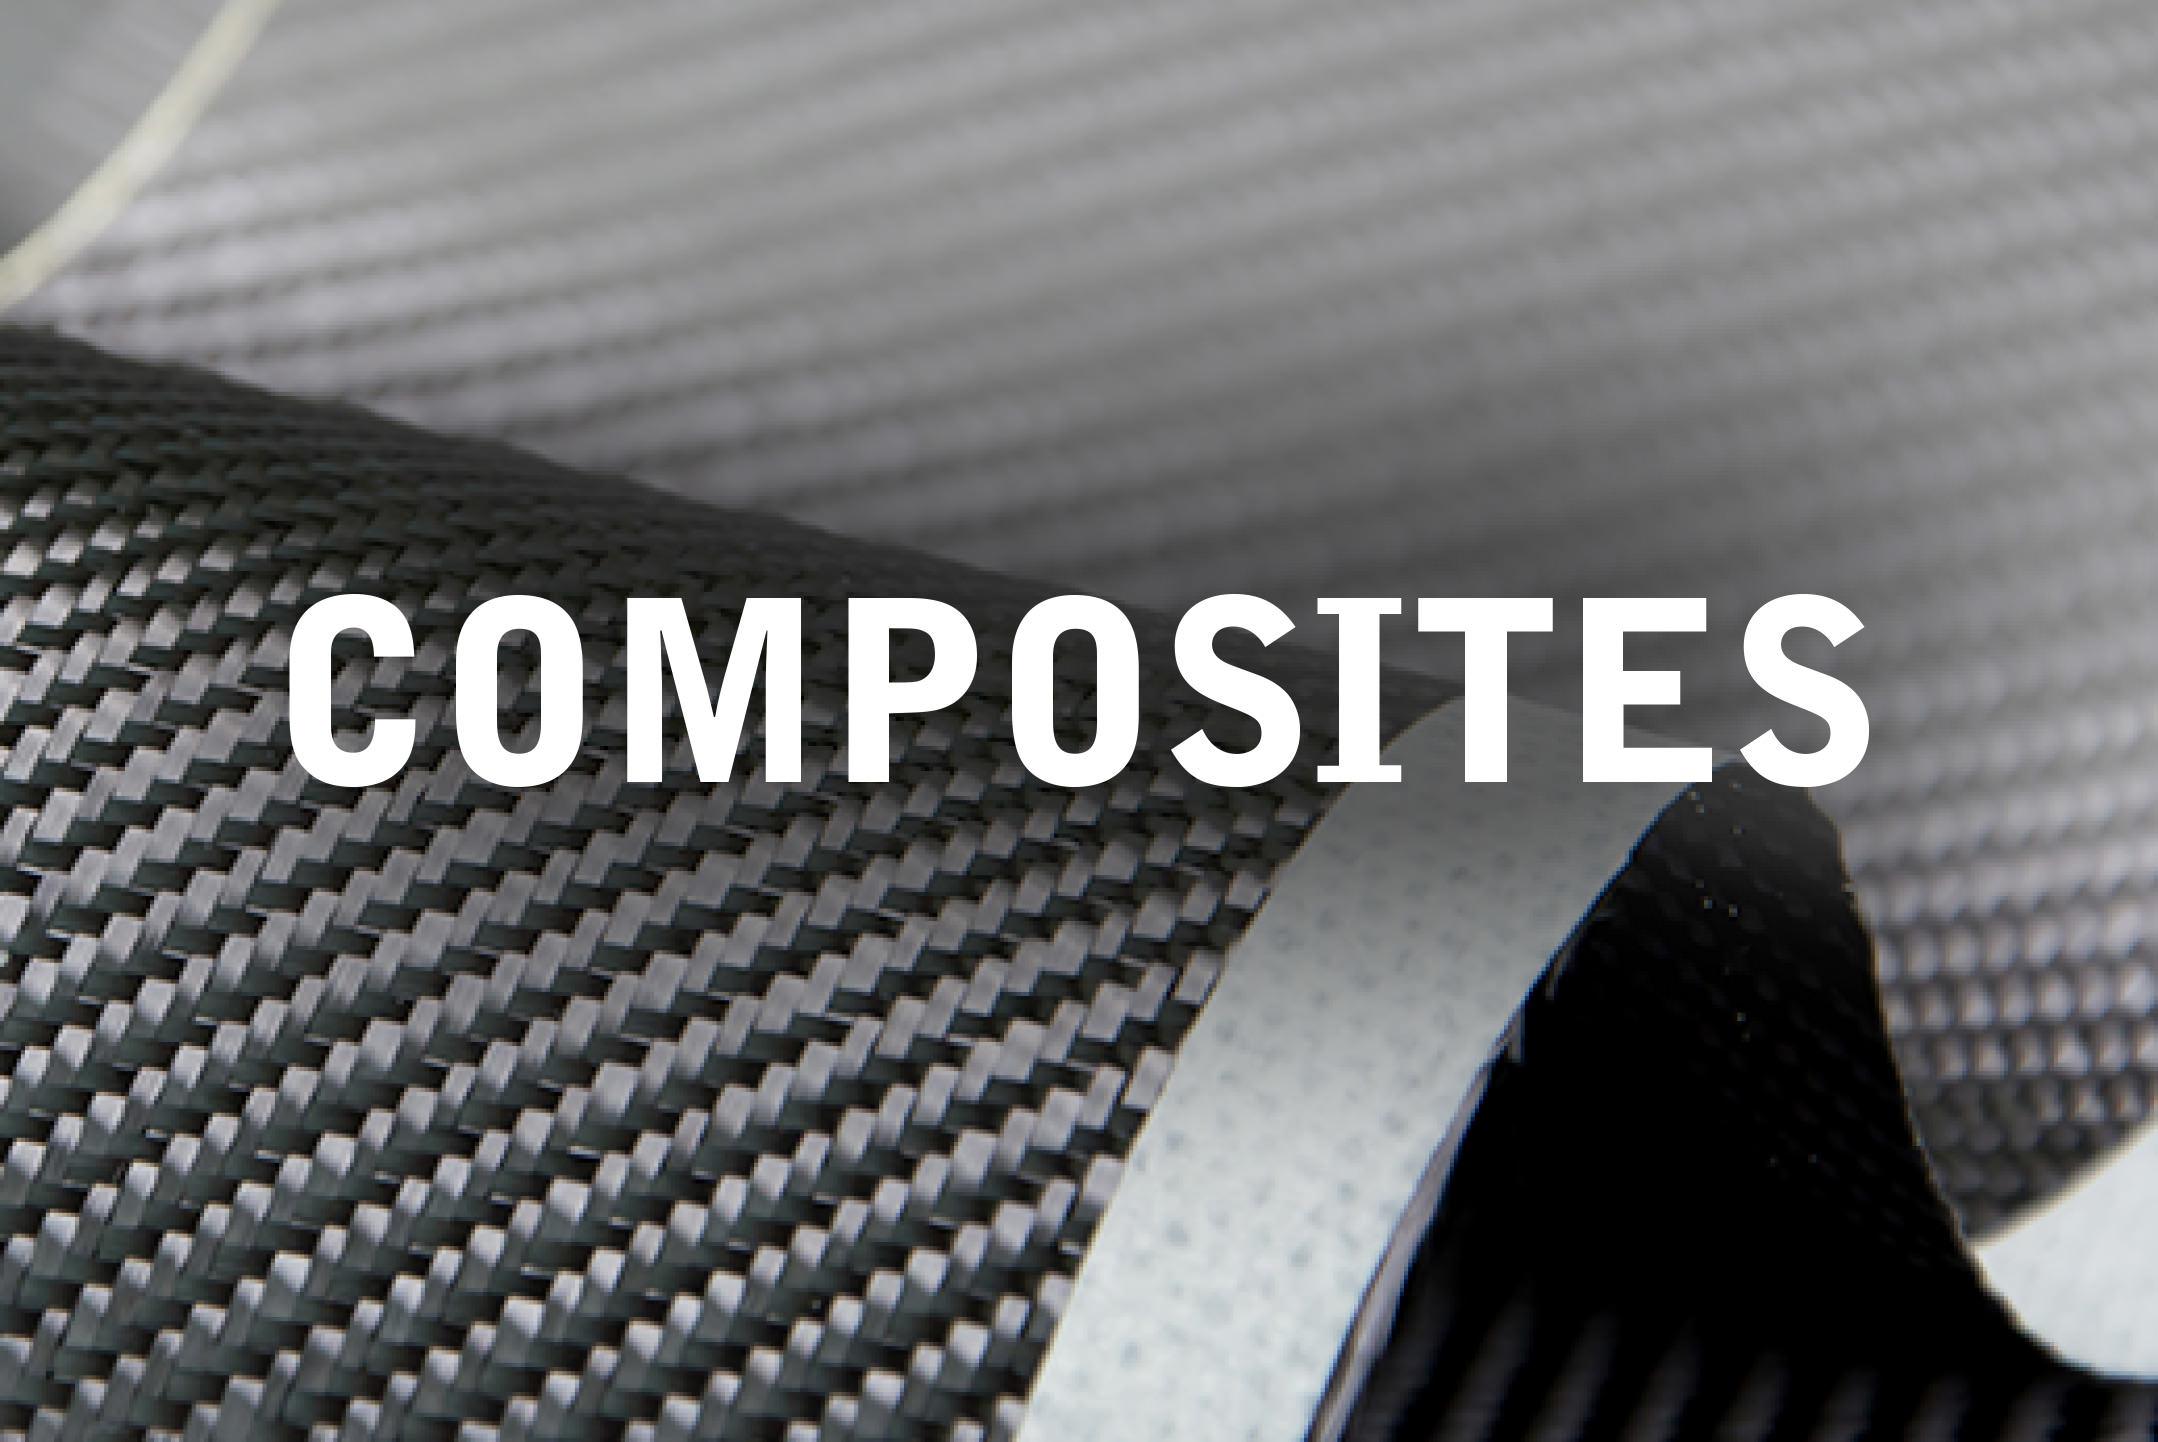 HOME-BTNS_composites.jpg